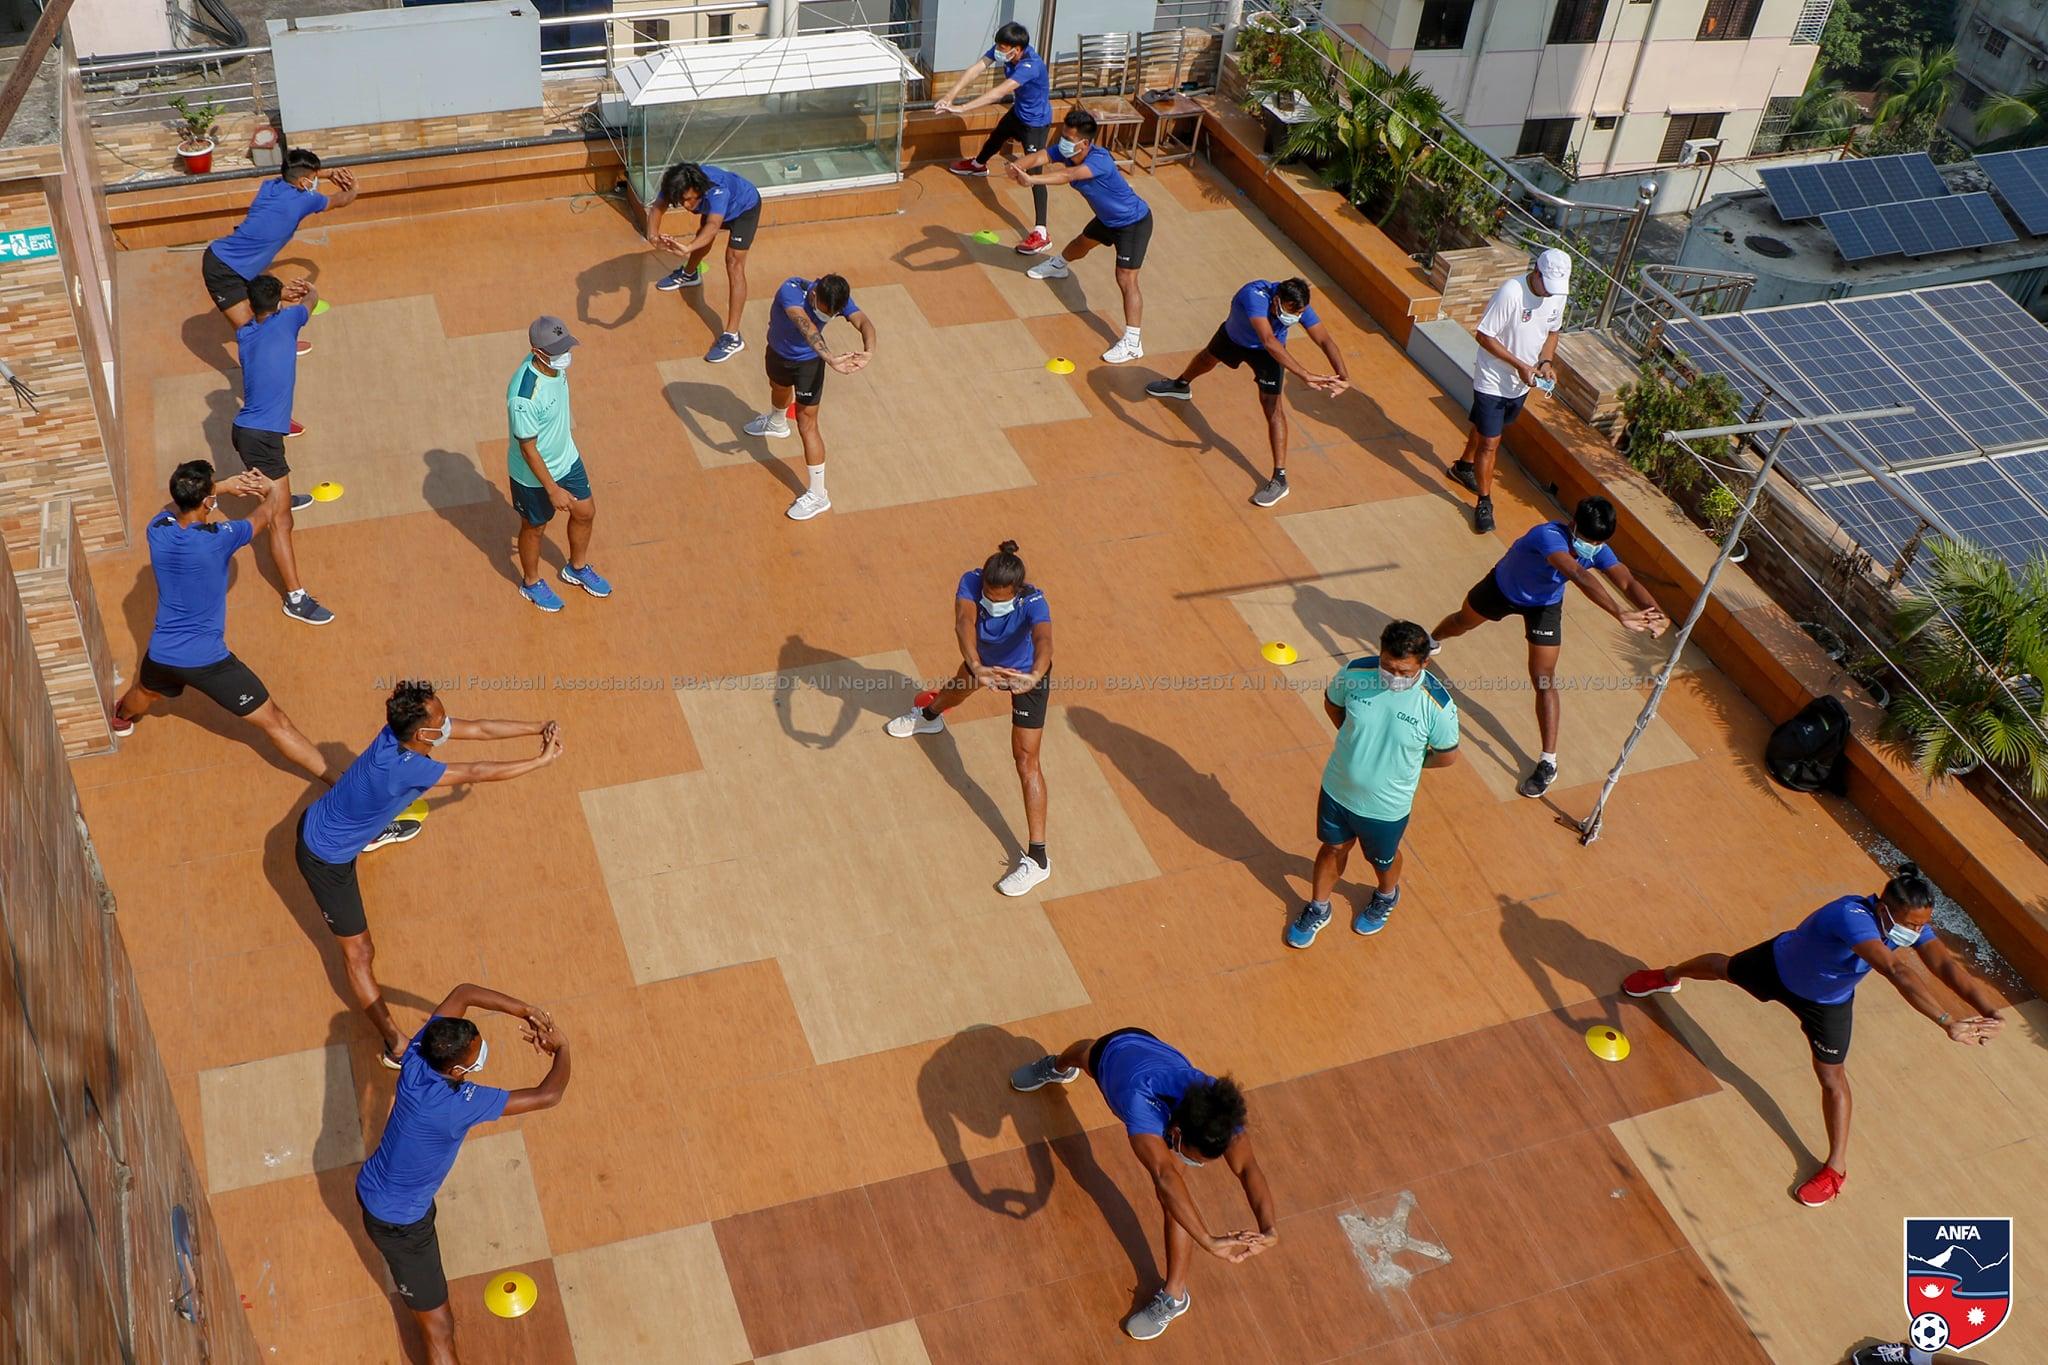 बङलादेश पुगेका फुटबल खेलाडीहरुले होटलमै गरे अभ्यास (फोटो फिचर)